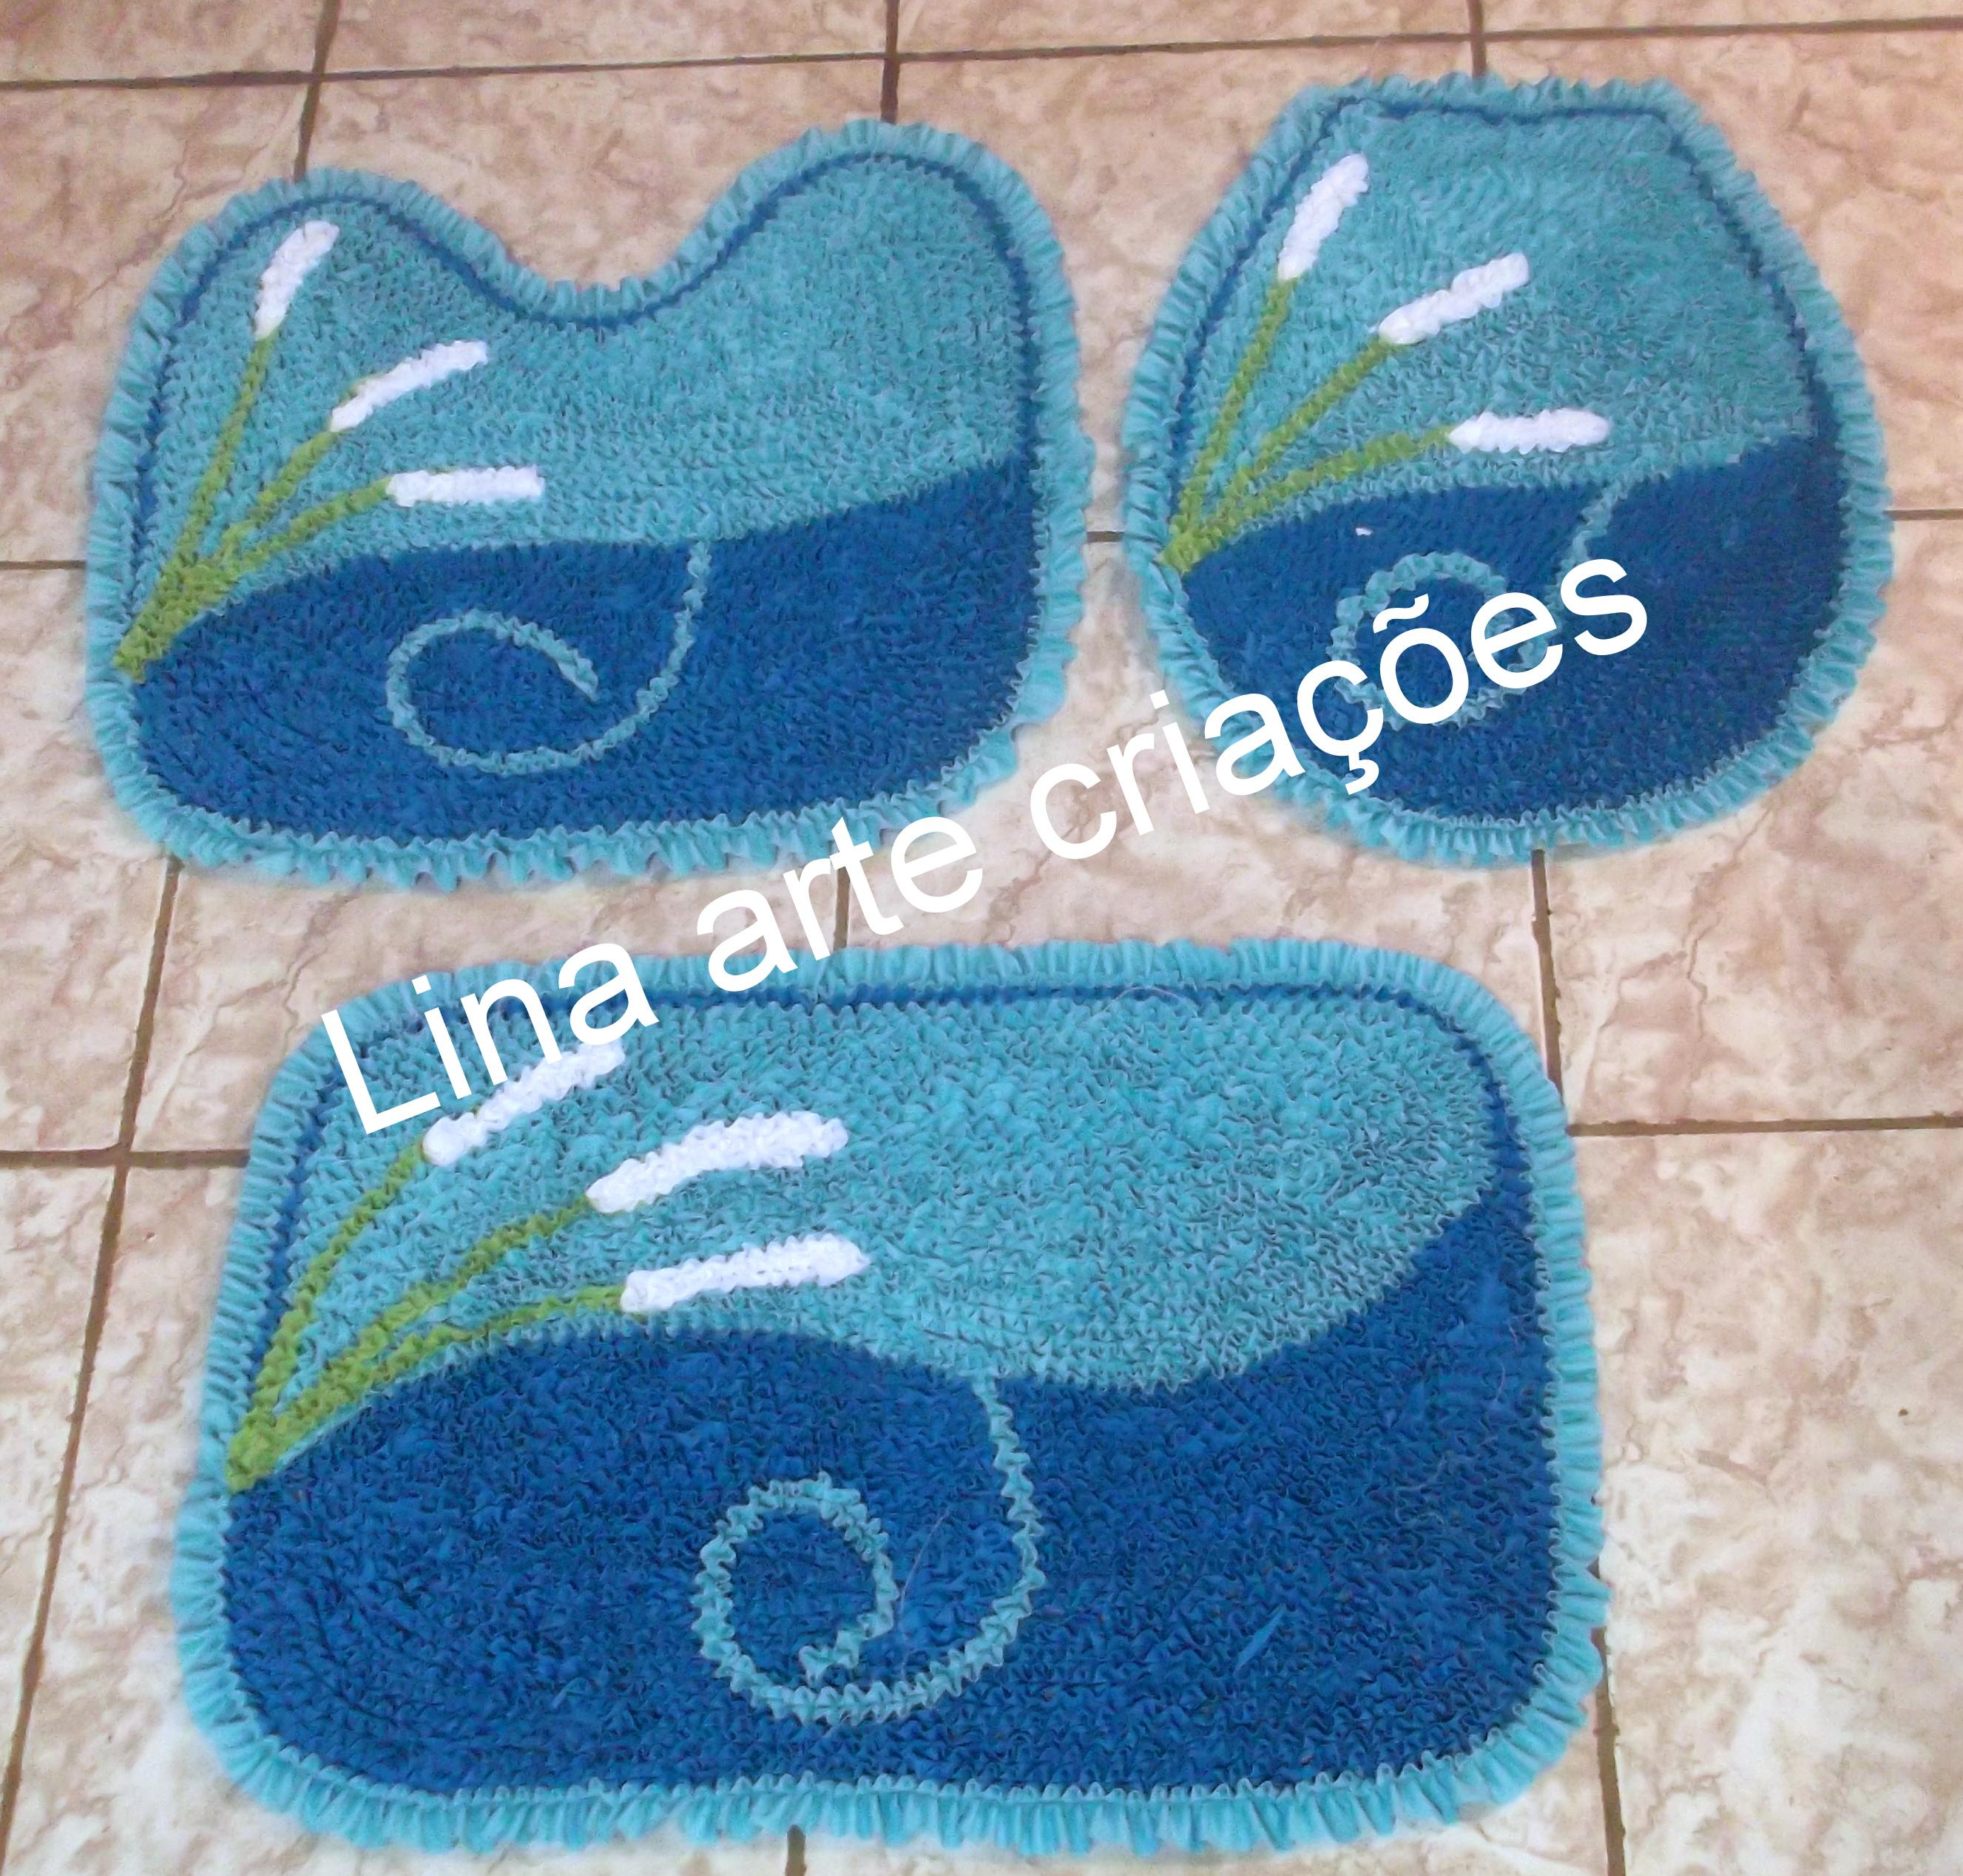 Flor Azul Tapete Jogo De Tapete Para Banheiro Flor Azul Banheiro Jogo  #134A82 2654 2537